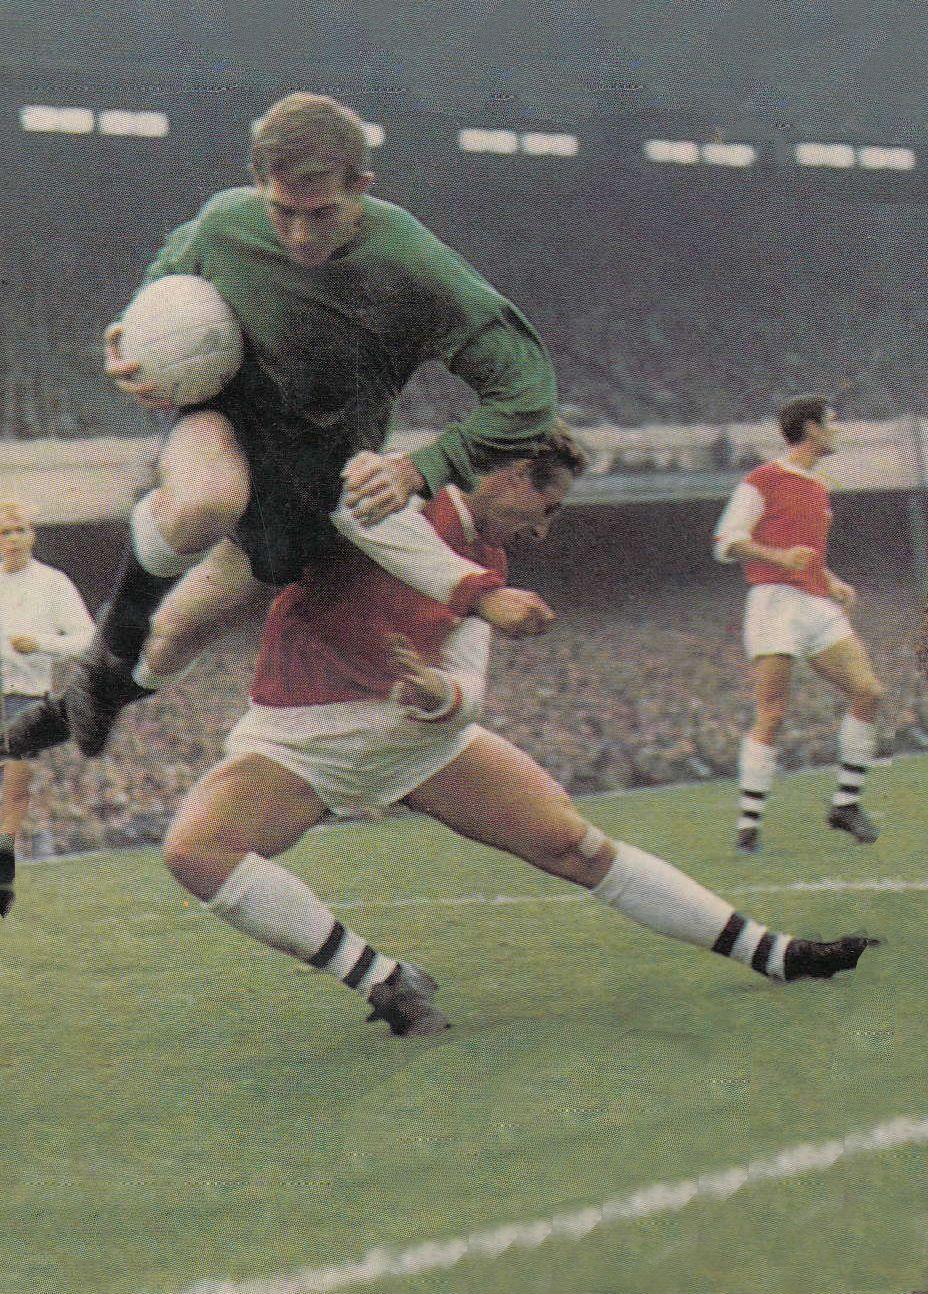 e02632c24 16th September 1967. Tottenham Hotspur goalkeeper Pat Jennings taking  evasive action to avoid Arsenal forward John Radford